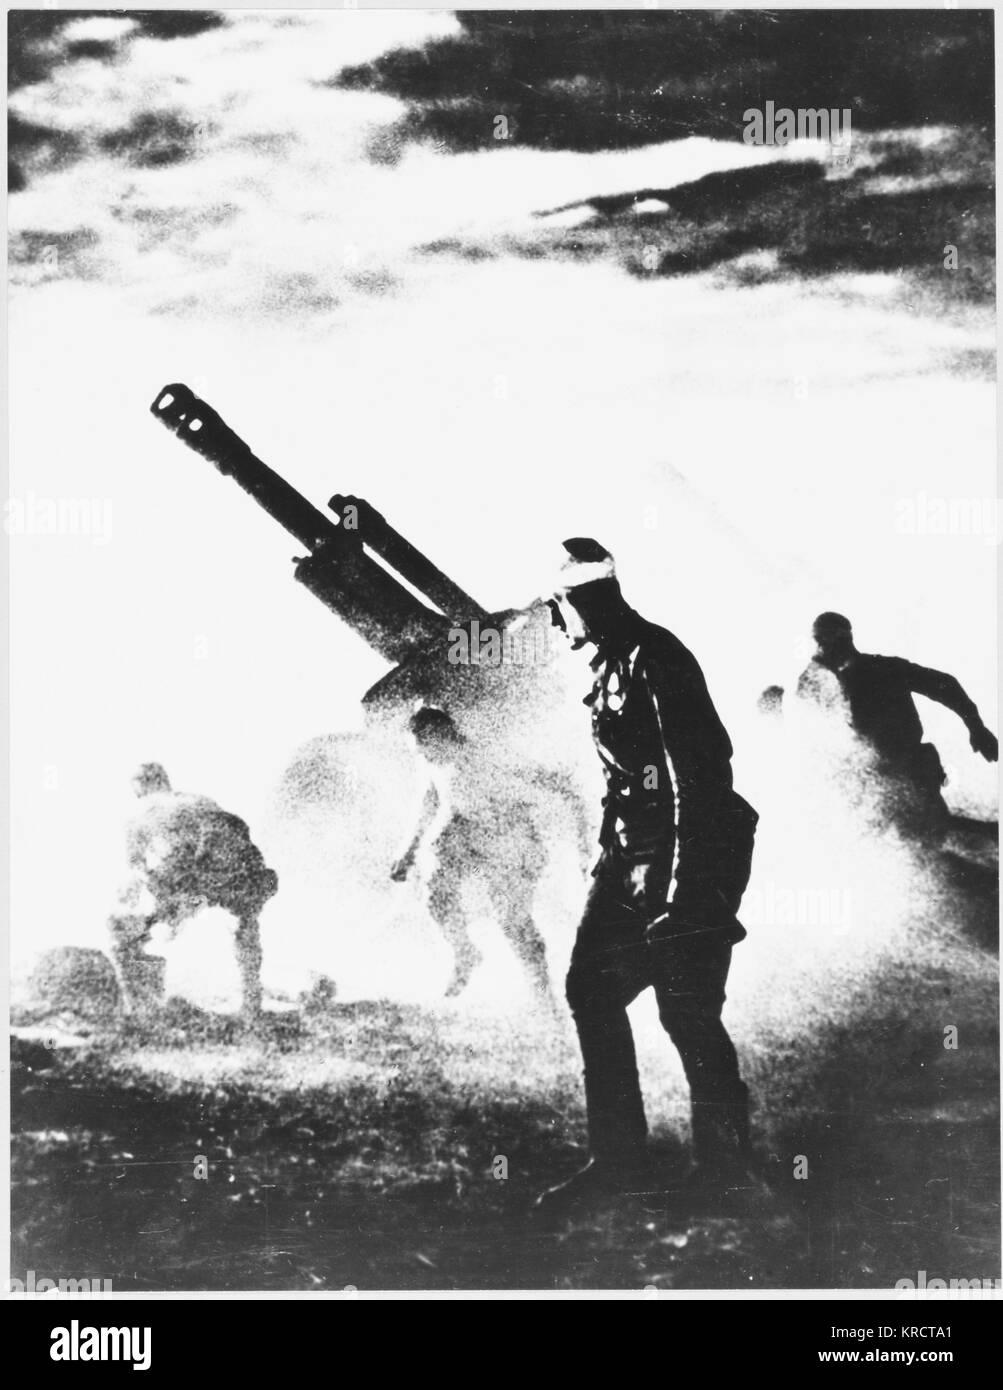 Artiglieria sovietica in azione durante la battaglia decisiva che effettivamente impedito qualsiasi ulteriore anticipo Immagini Stock